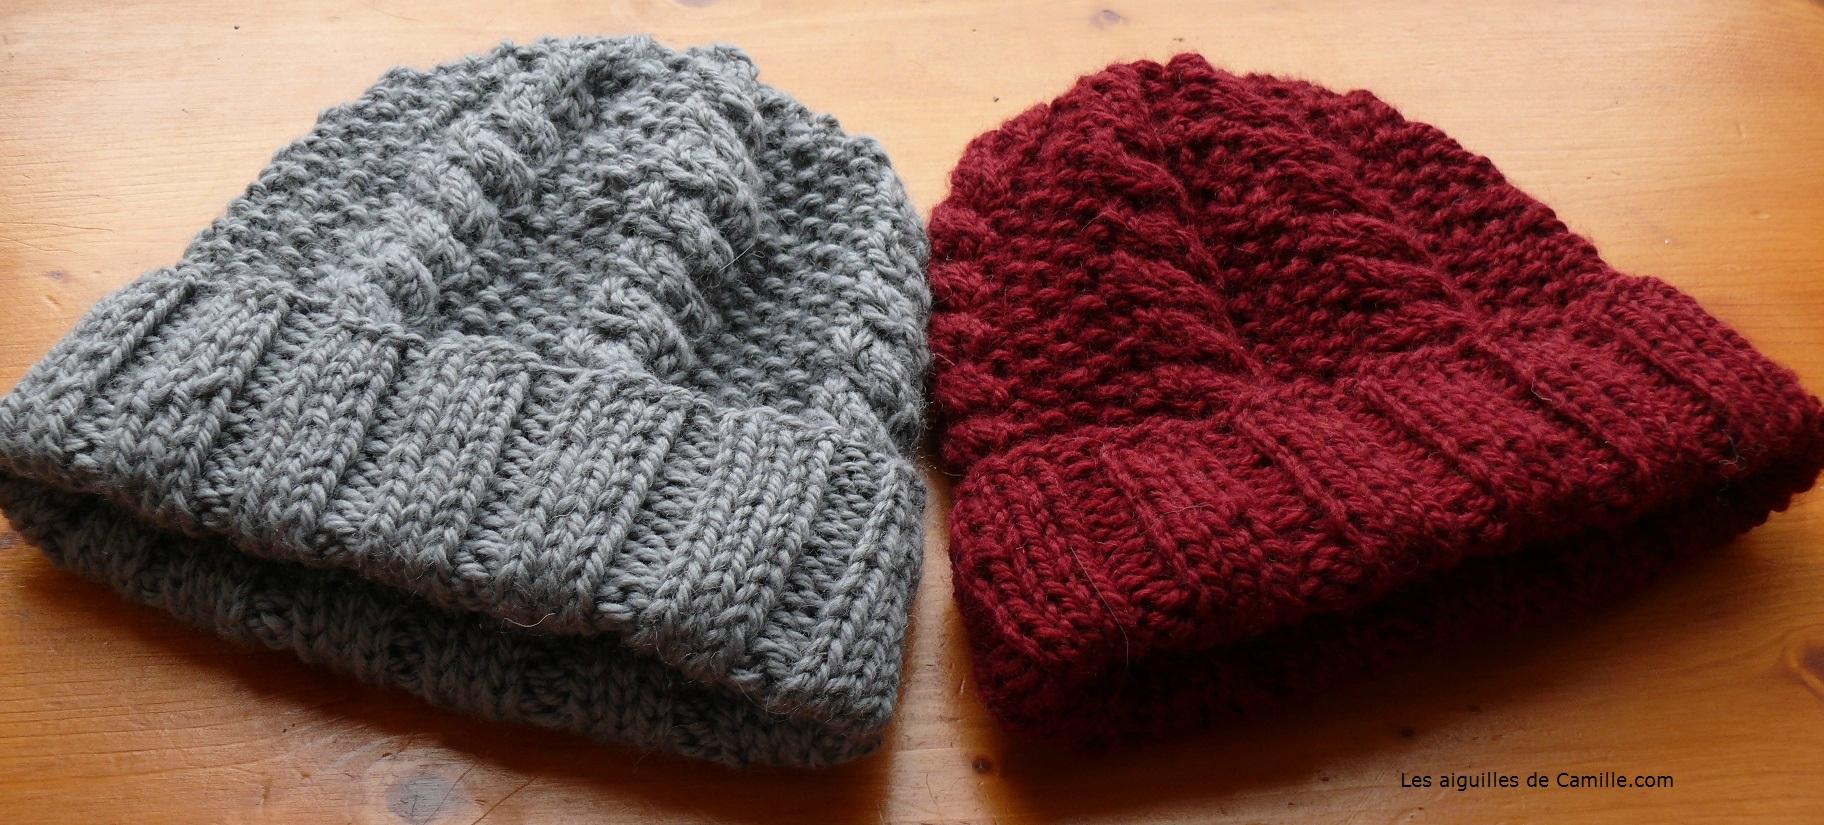 Tricoter un bonnet femme aiguille 4 5